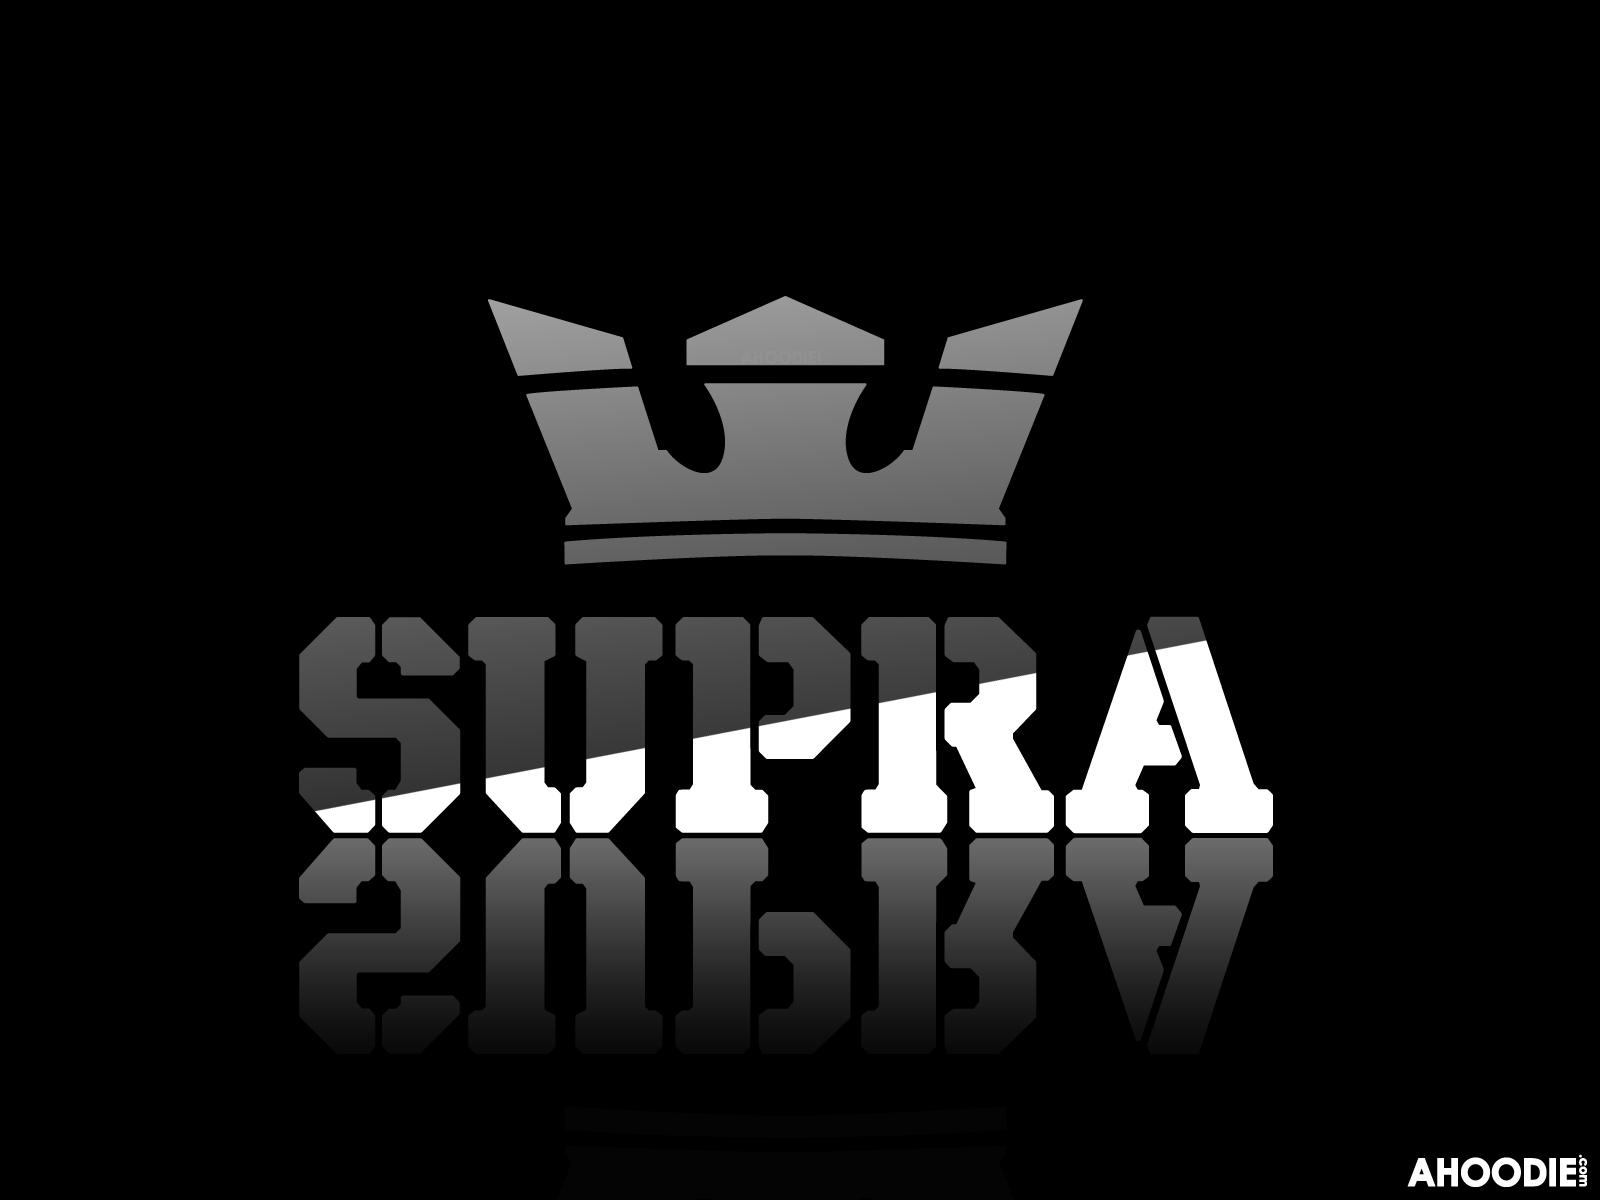 Supra Footwear Mxico patrocinador oficial de Blast O mediA   Blast 1600x1200